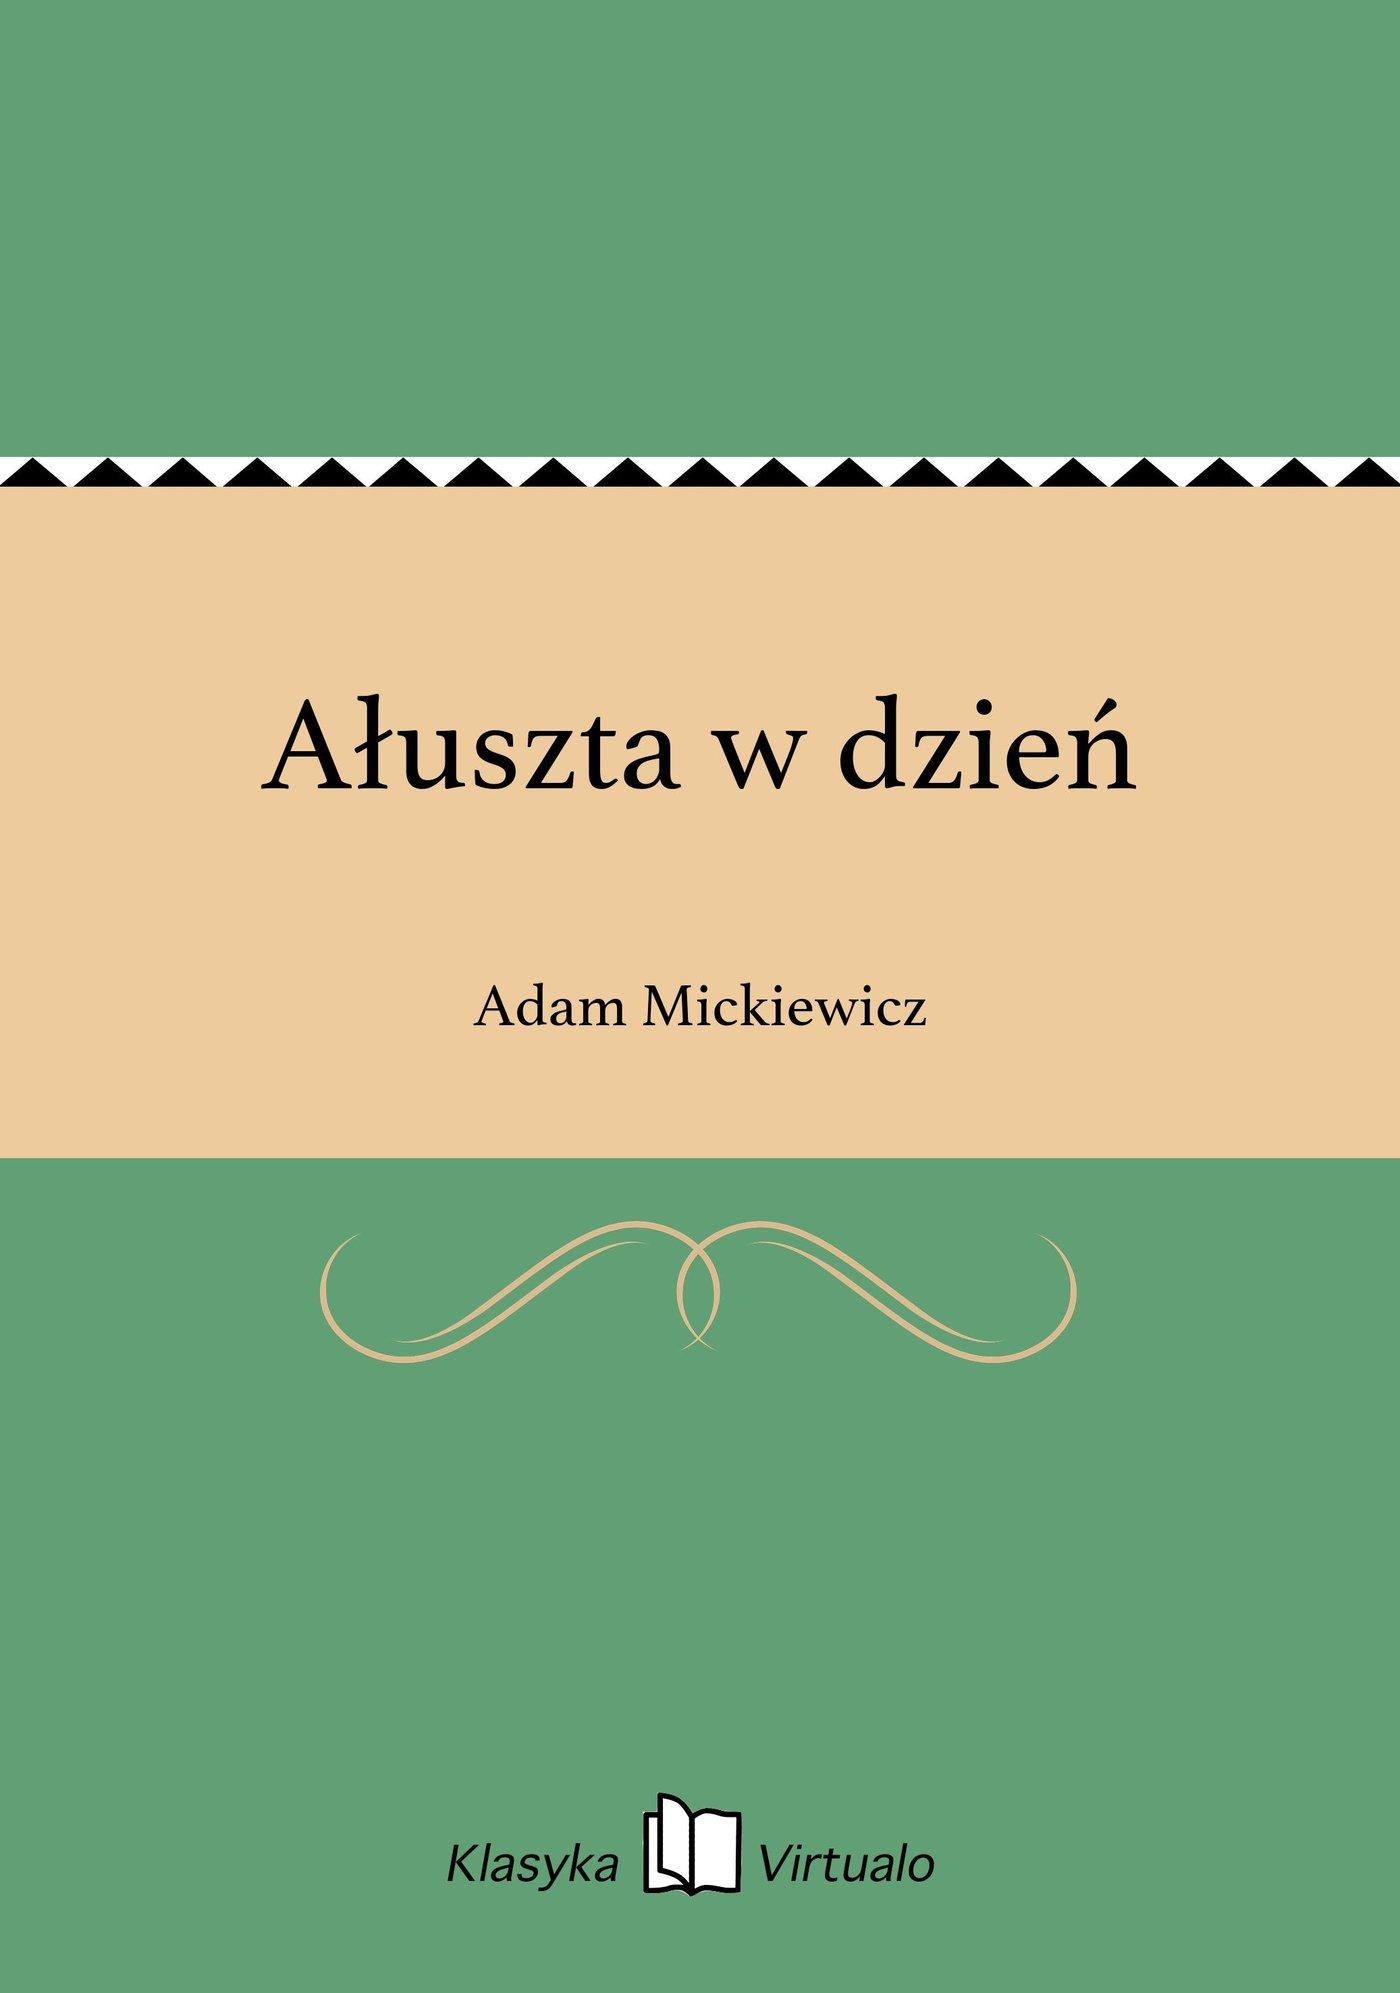 Ałuszta w dzień - Ebook (Książka EPUB) do pobrania w formacie EPUB